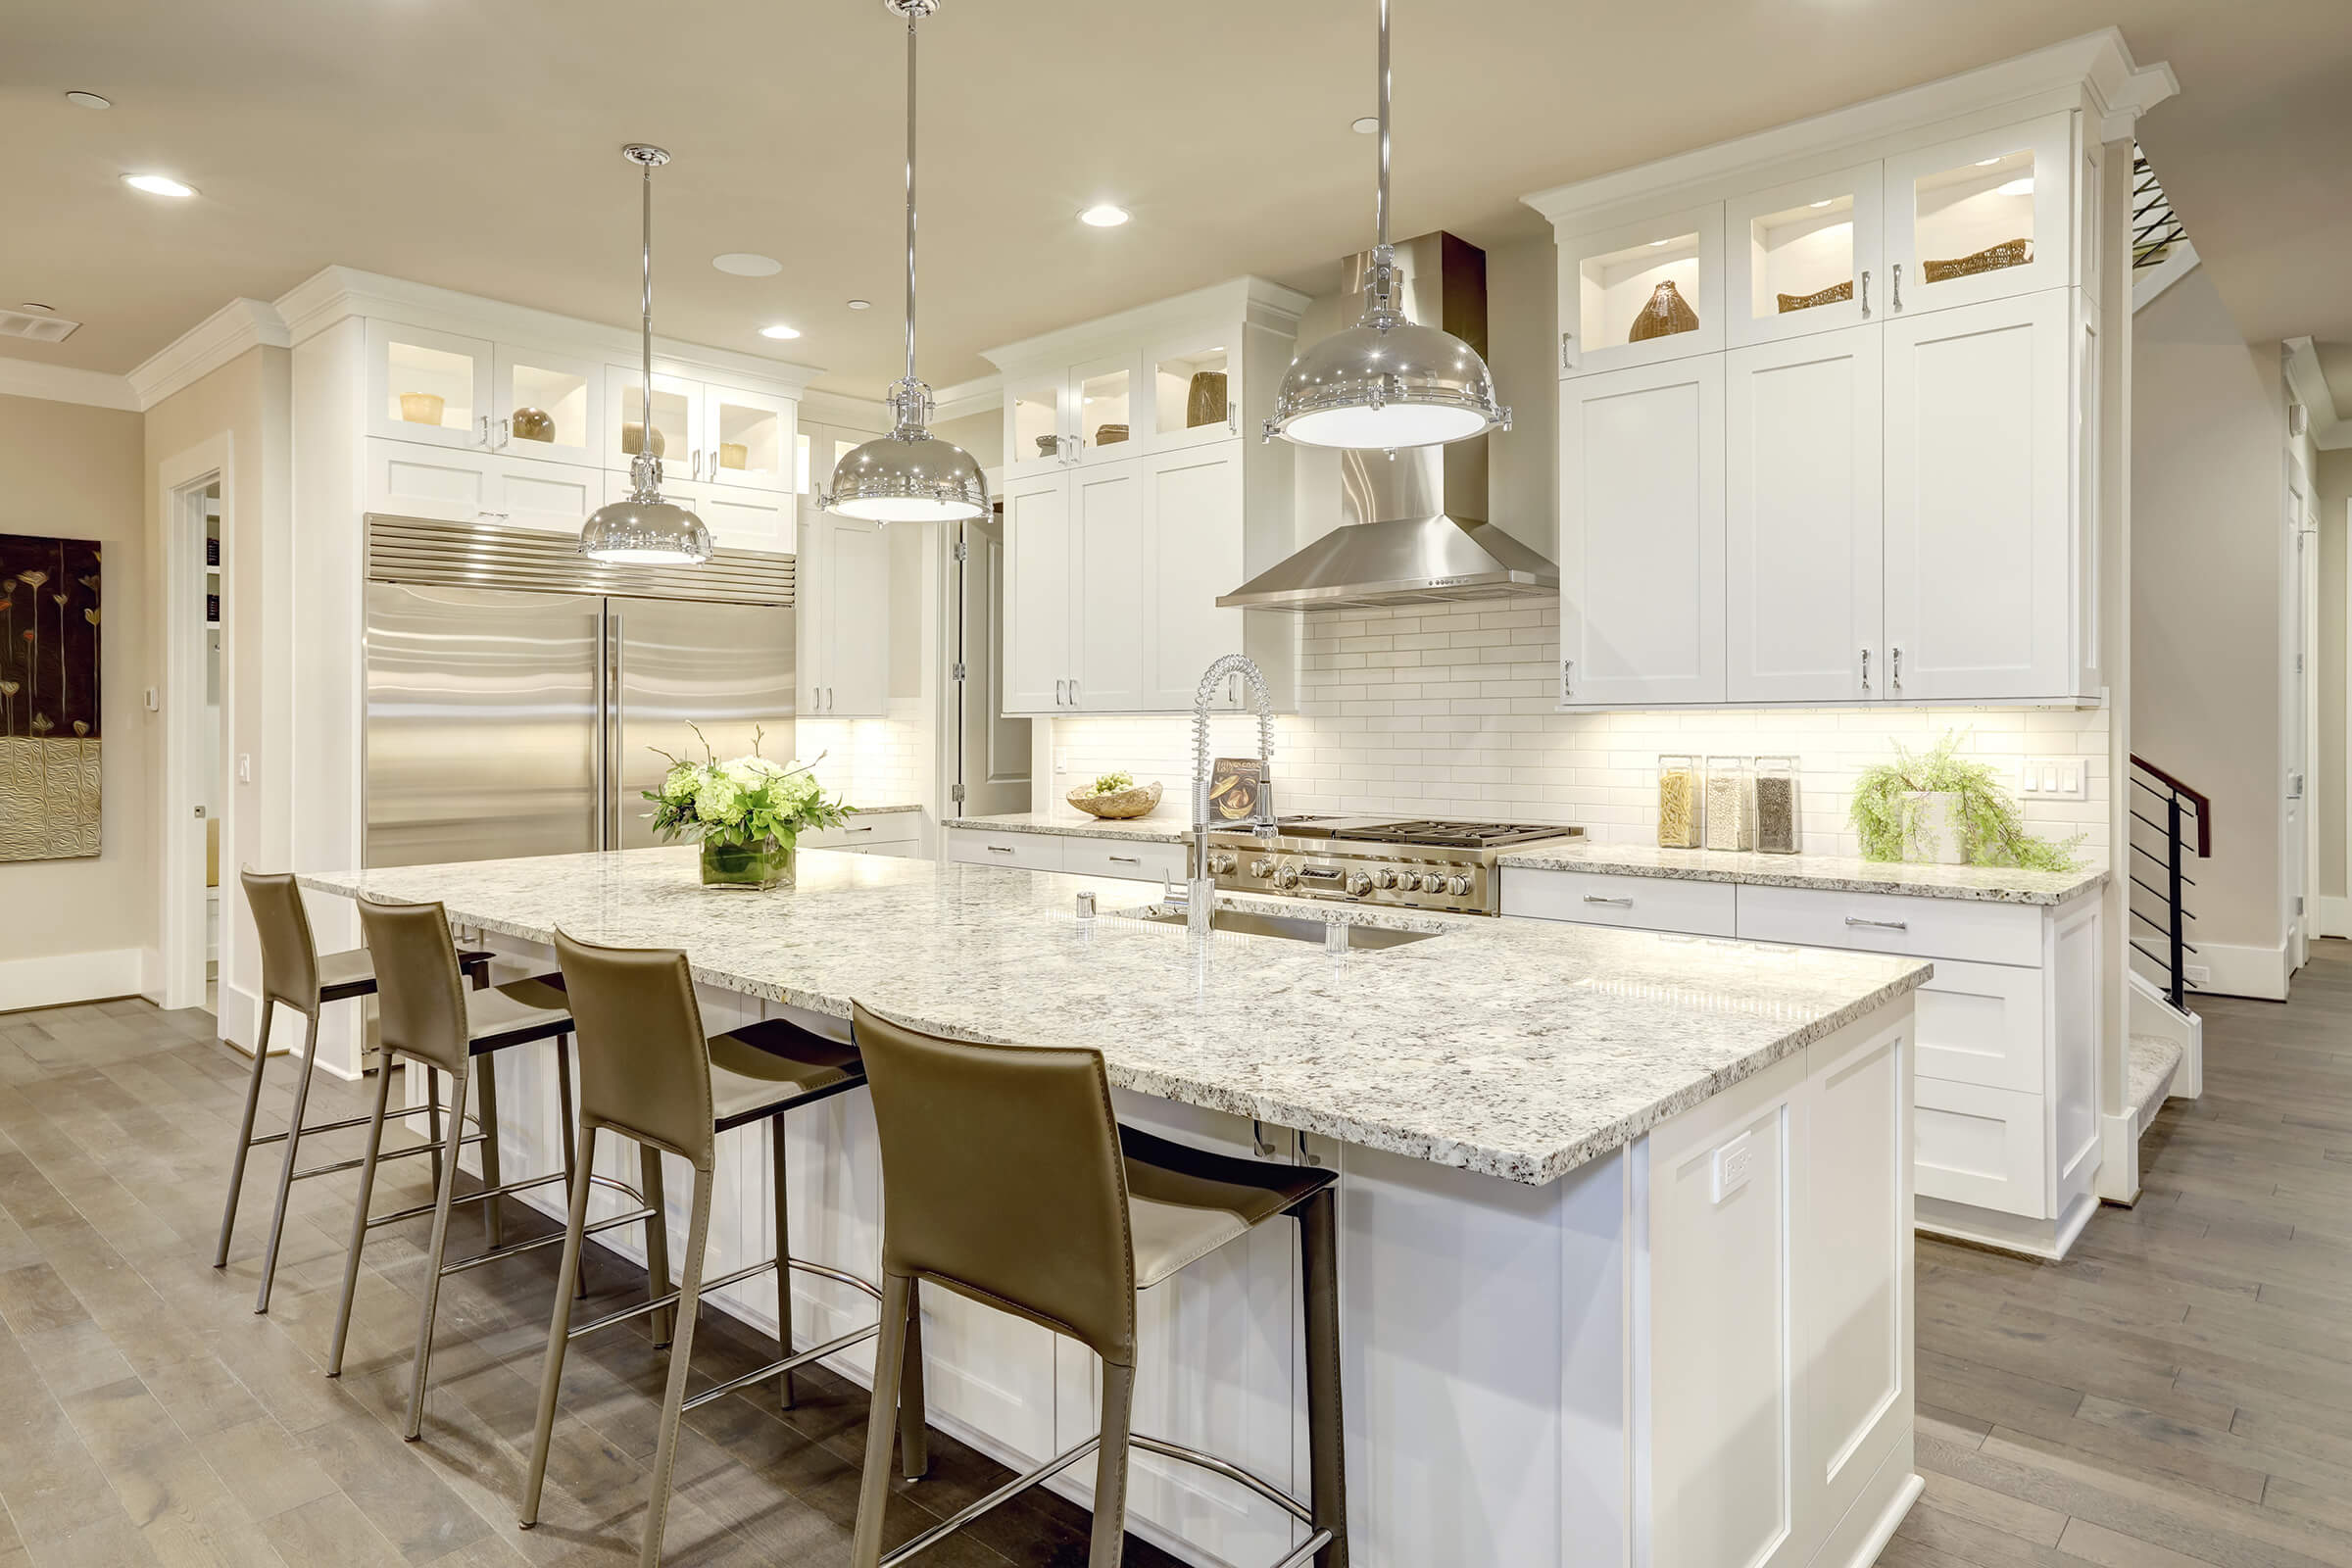 kitchen white stainless